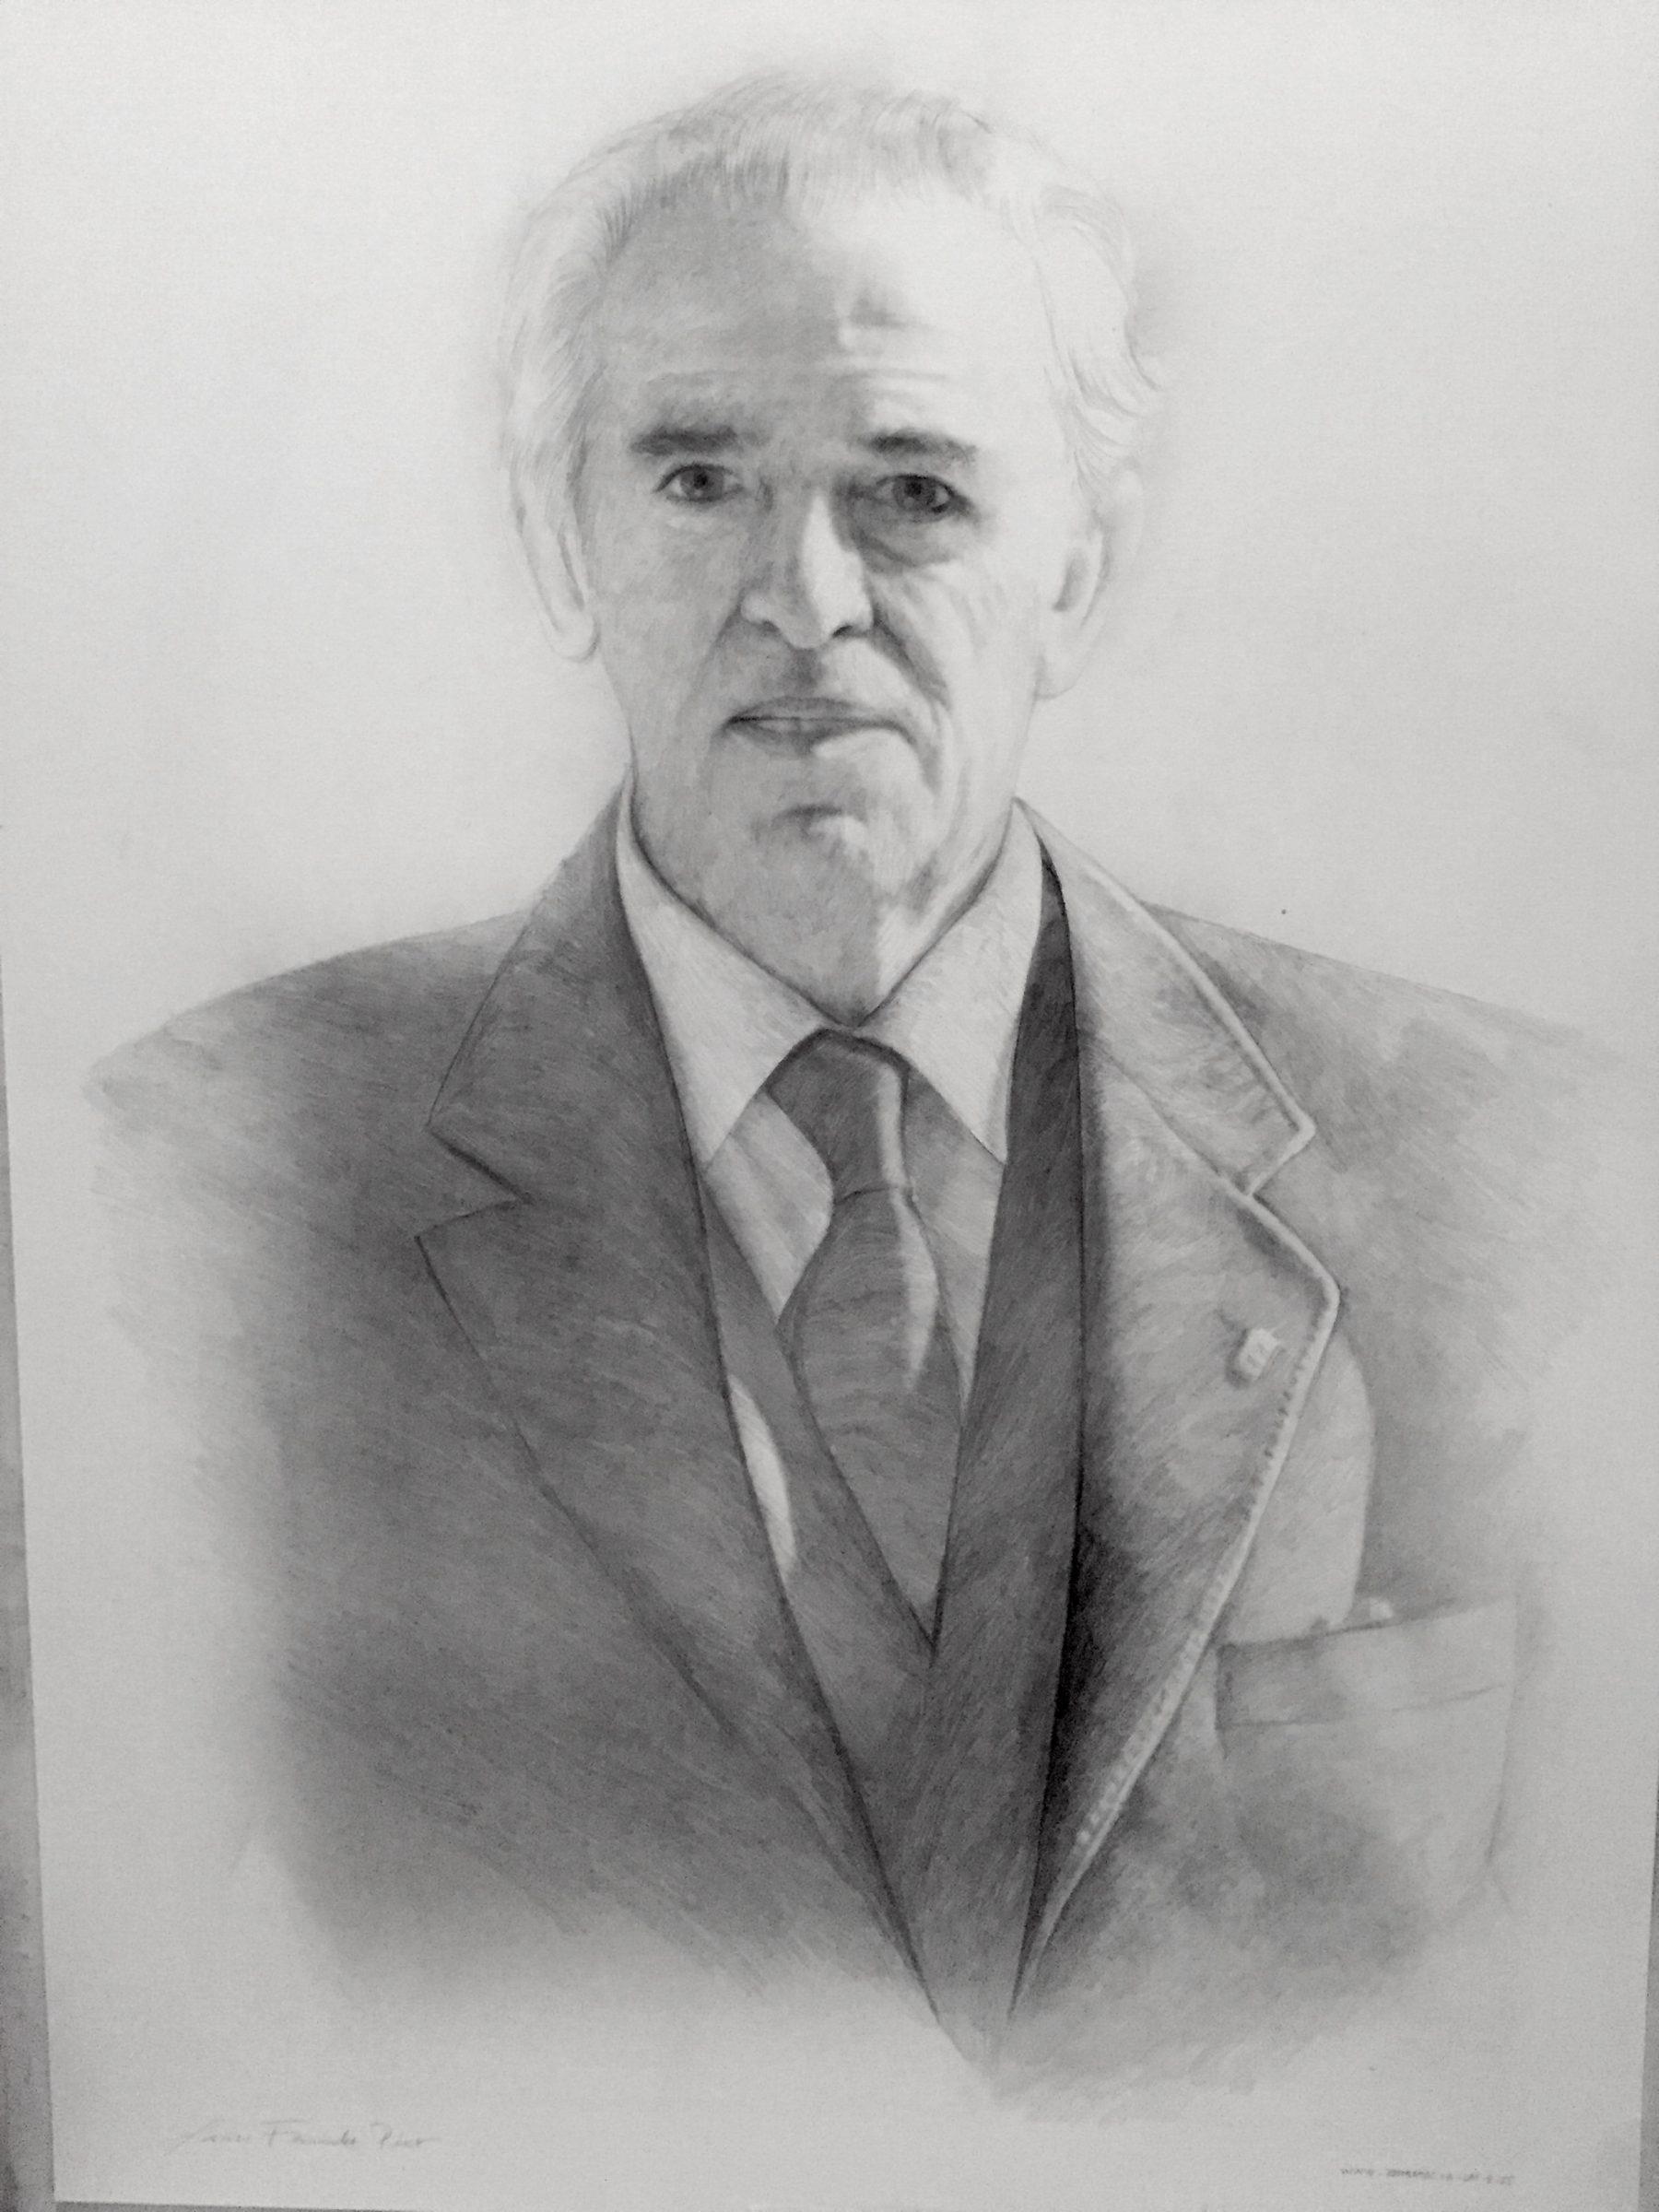 retratos-por-encargo-110-e1488843403646